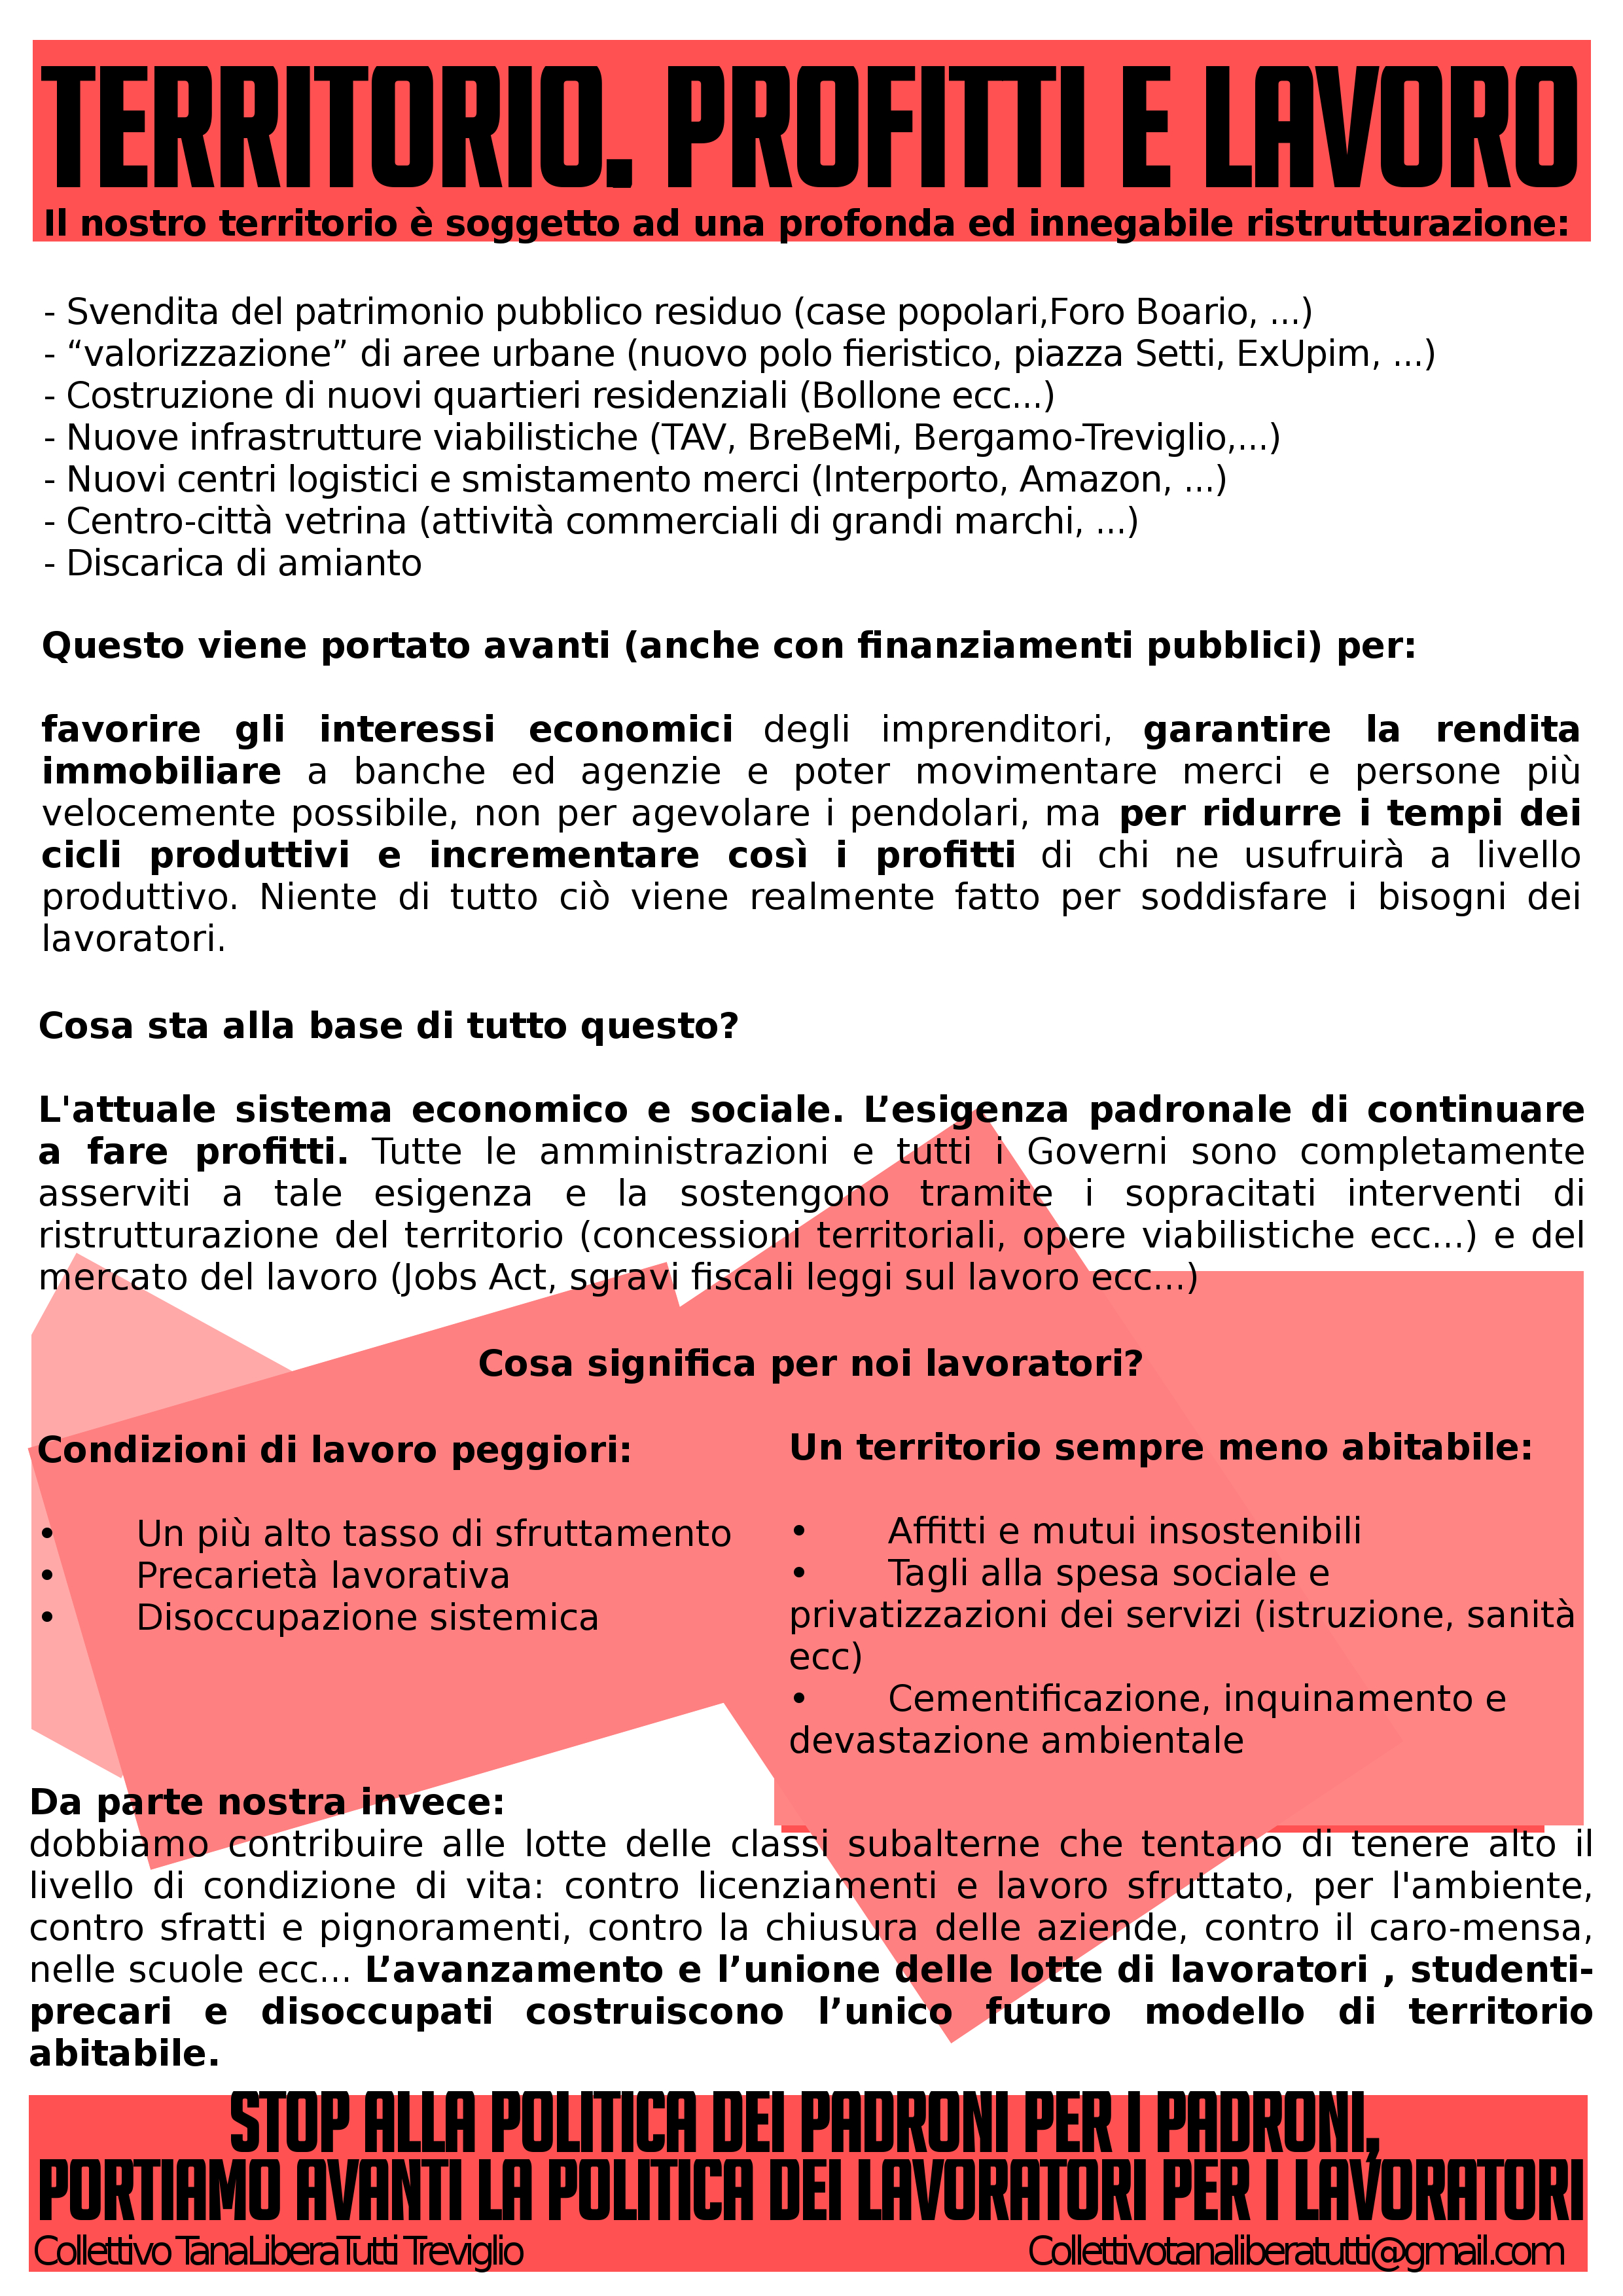 Collettivo TanaLiberaTutti Treviglio